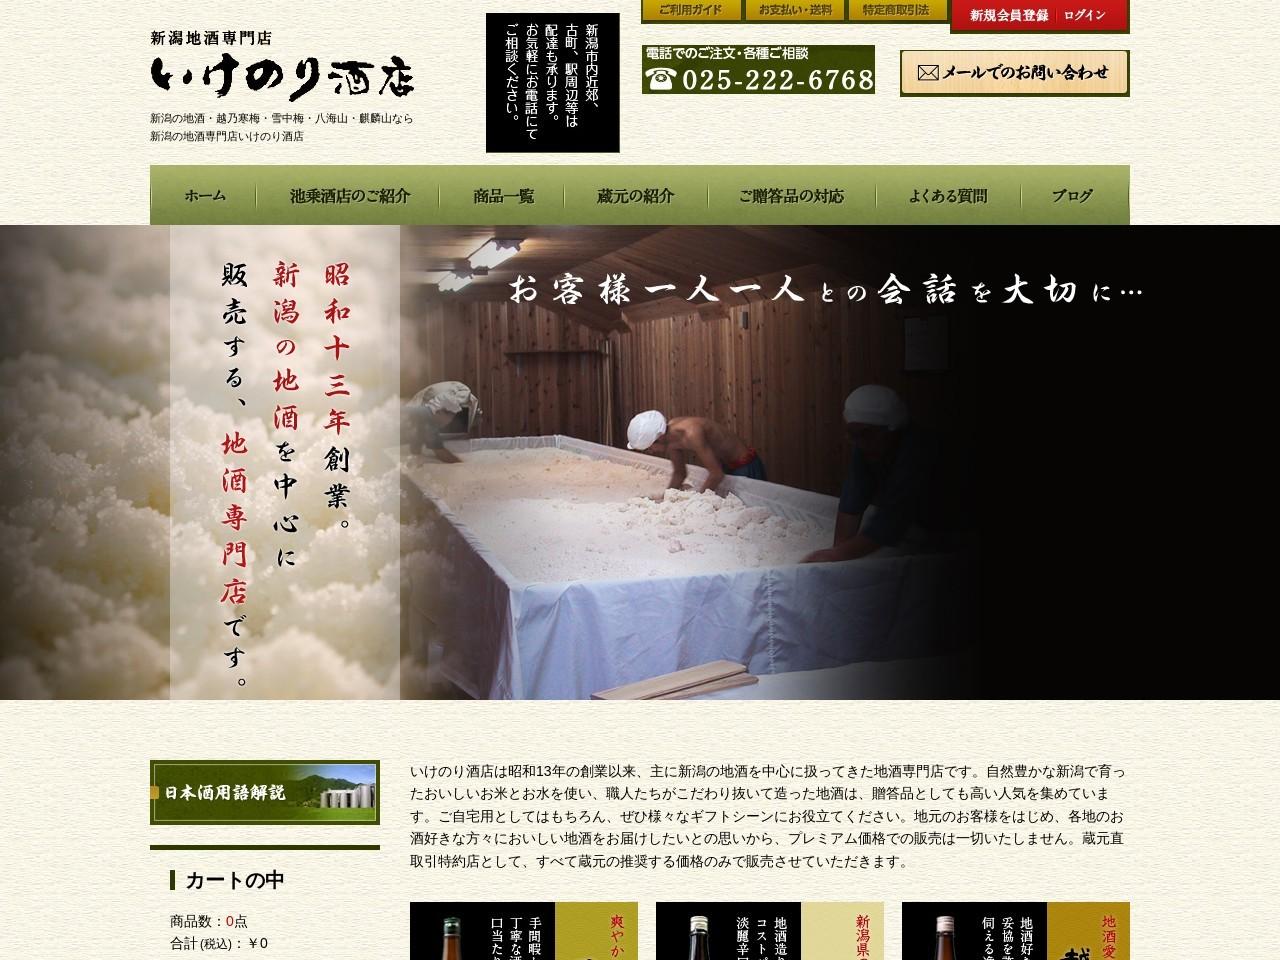 いけのり酒店 - 越乃寒梅・雪中梅・八海山・麒麟山・新潟のお酒